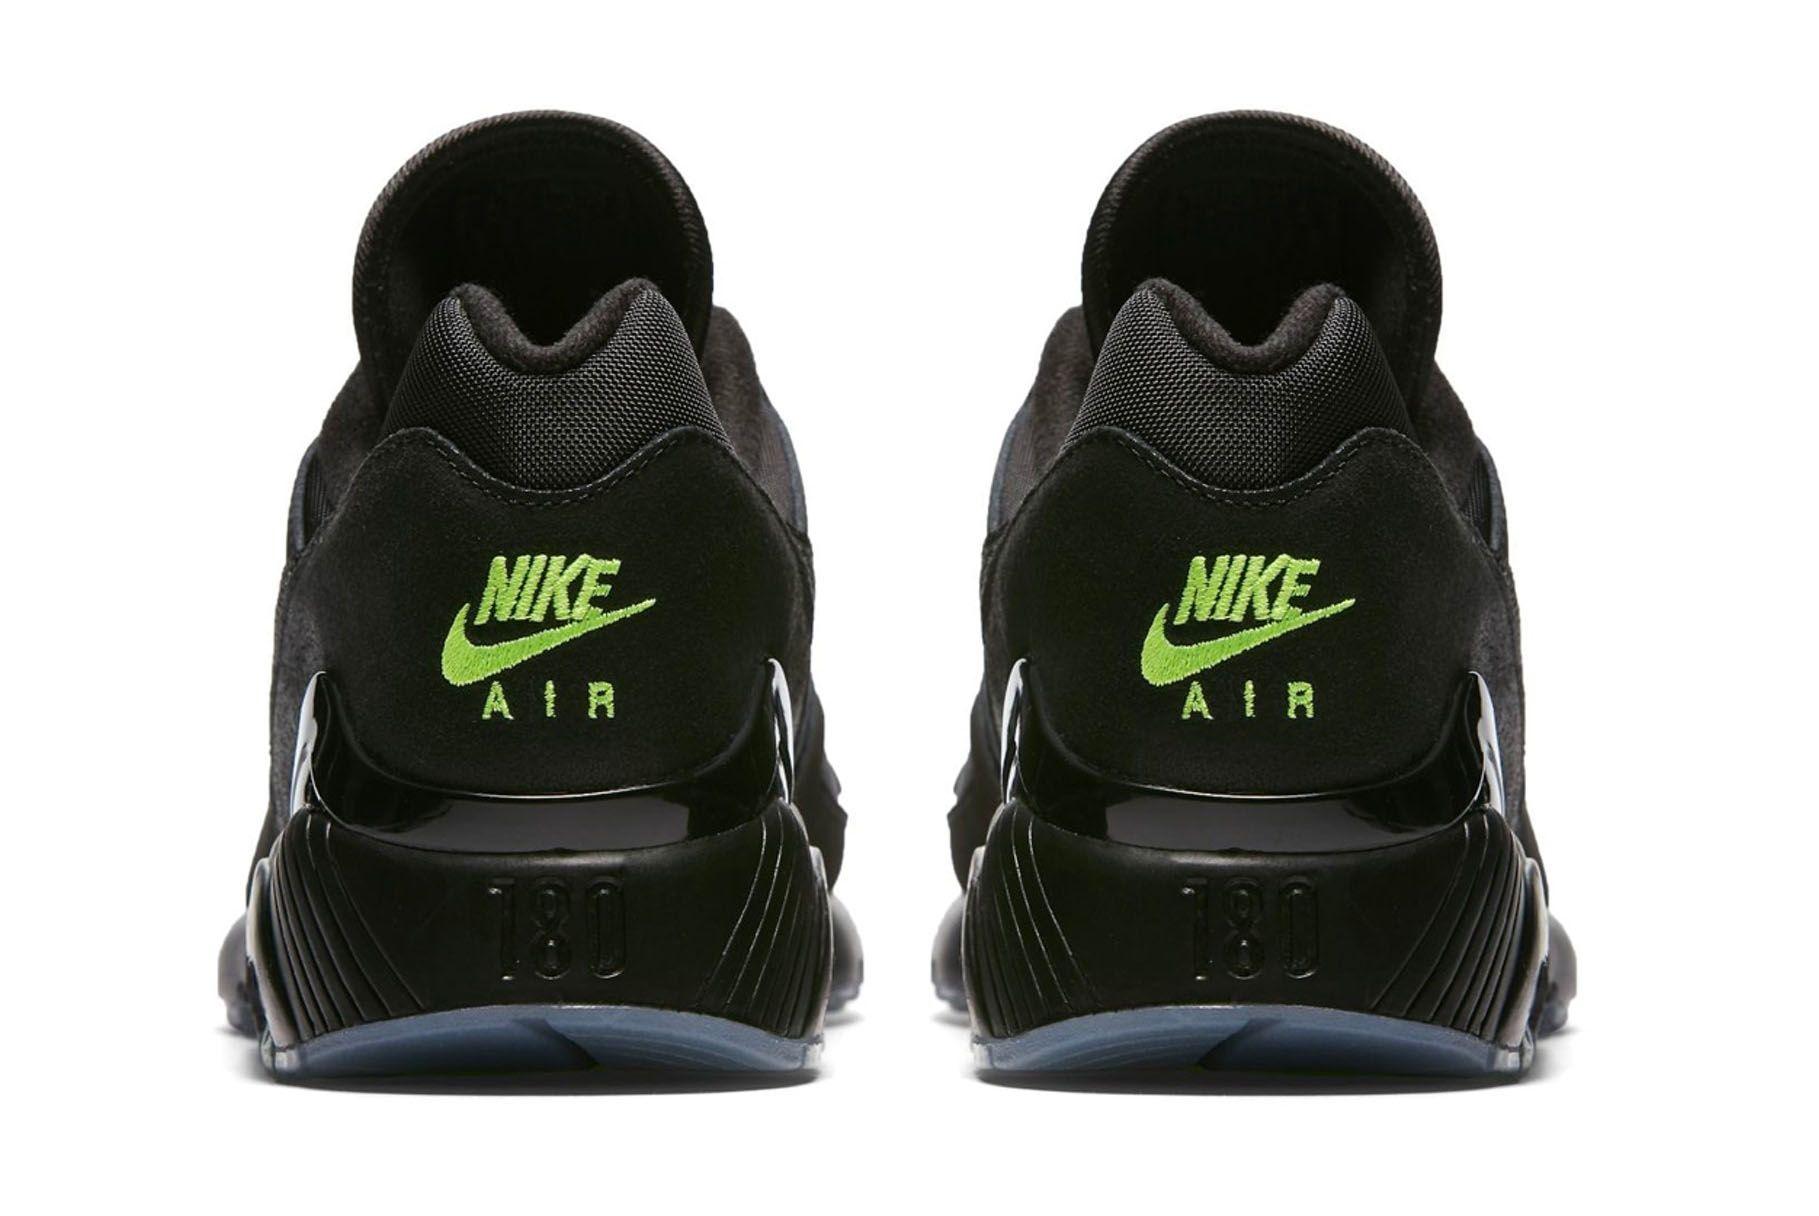 Nike Air Max 180 Black Volt First Look 004 Sneaker Freaker